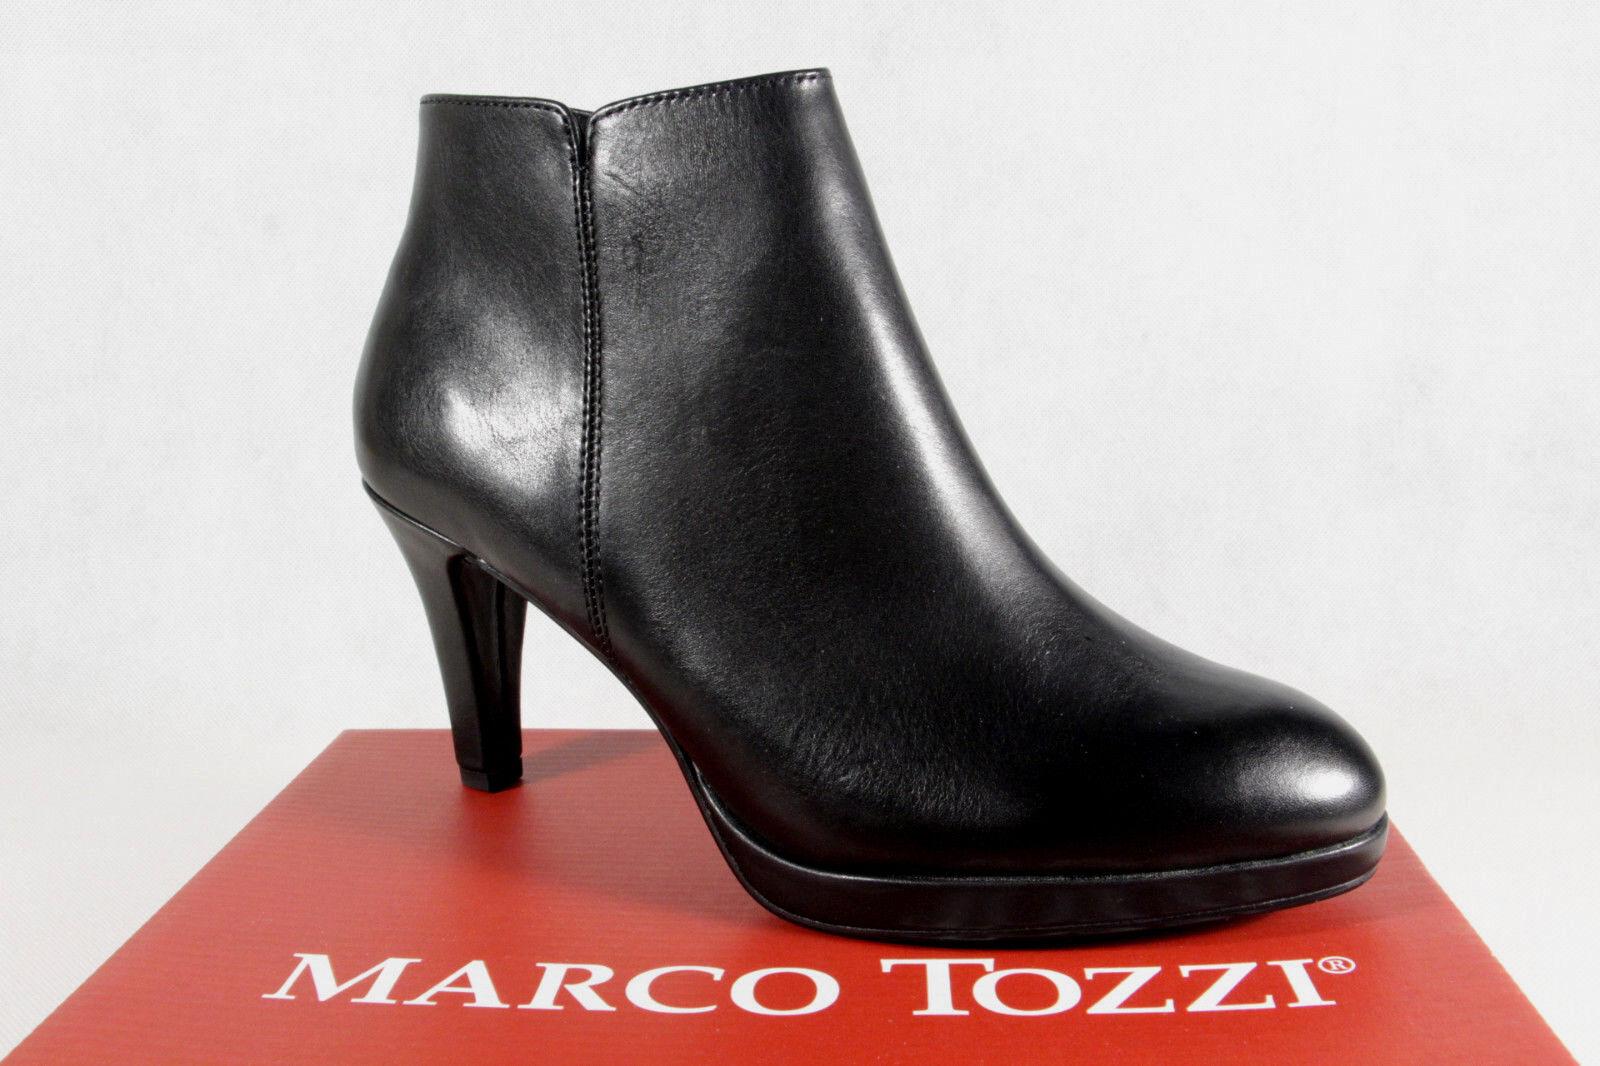 Marco Tozzi Stiefel, Stiefeletten, schwarz, Reißverschluß, gefüttert 25392 NEU